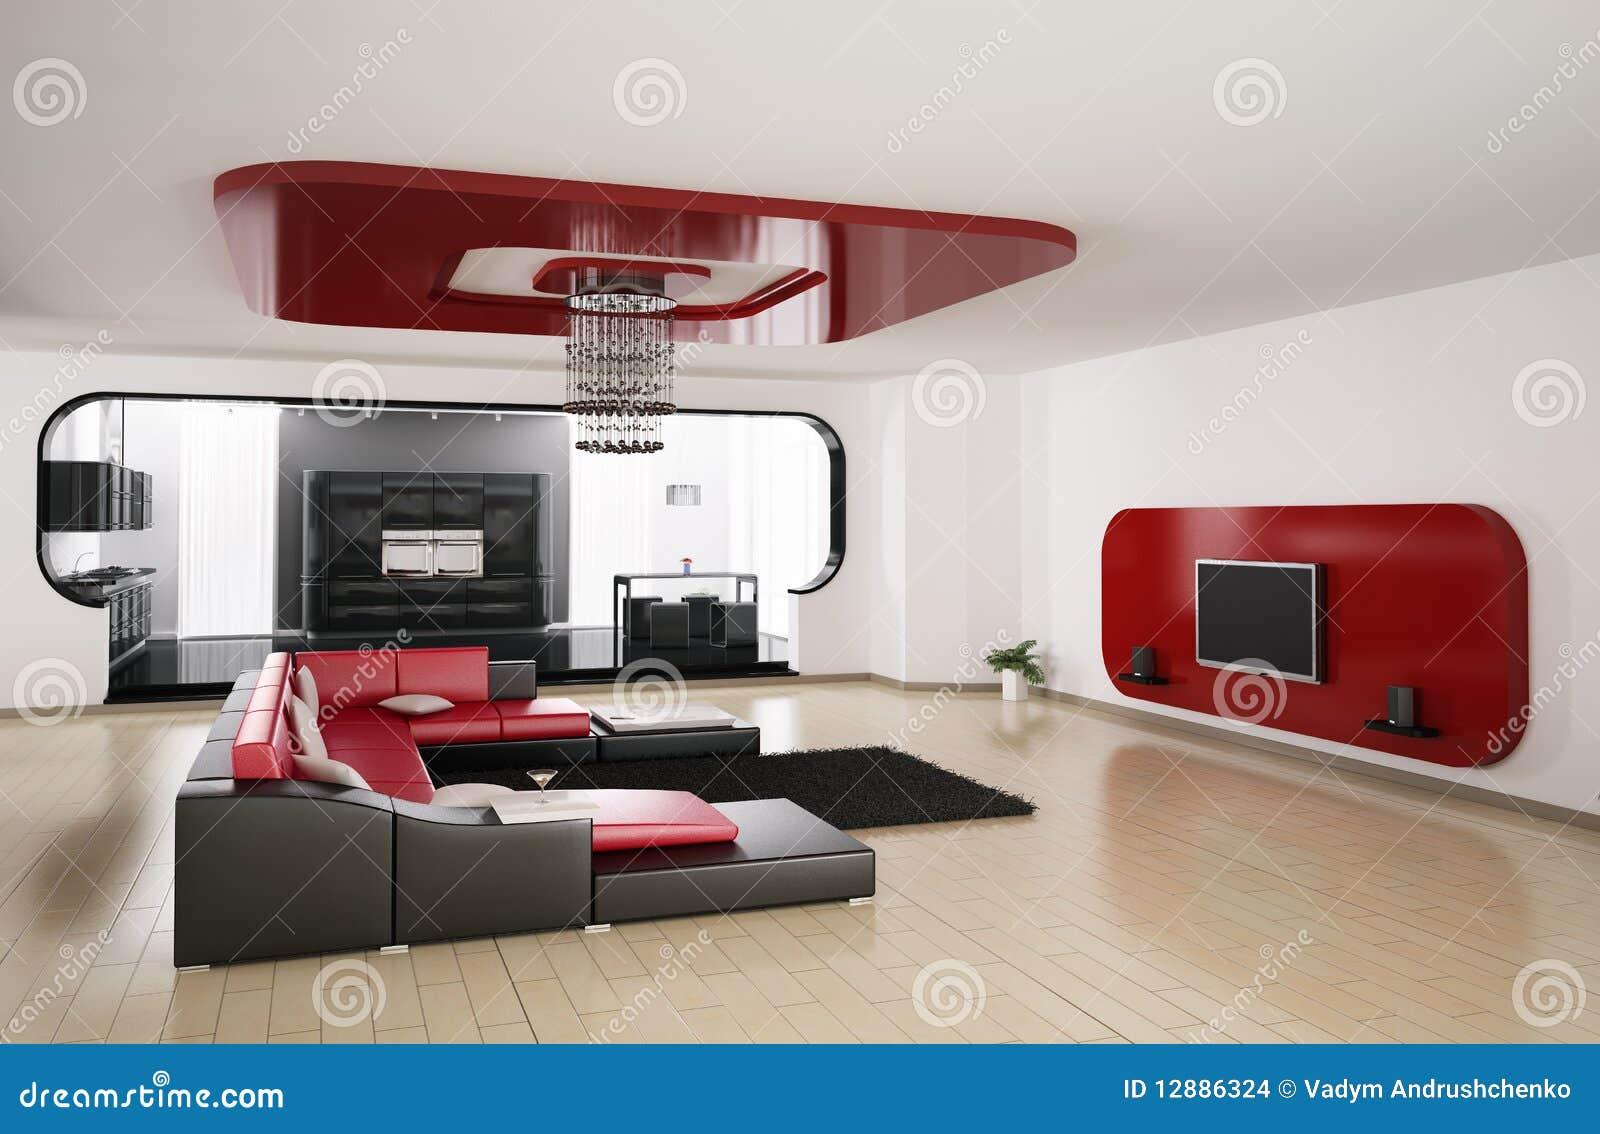 Wohnzimmer, Küche 3d übertragen Stock Abbildung - Illustration von ...